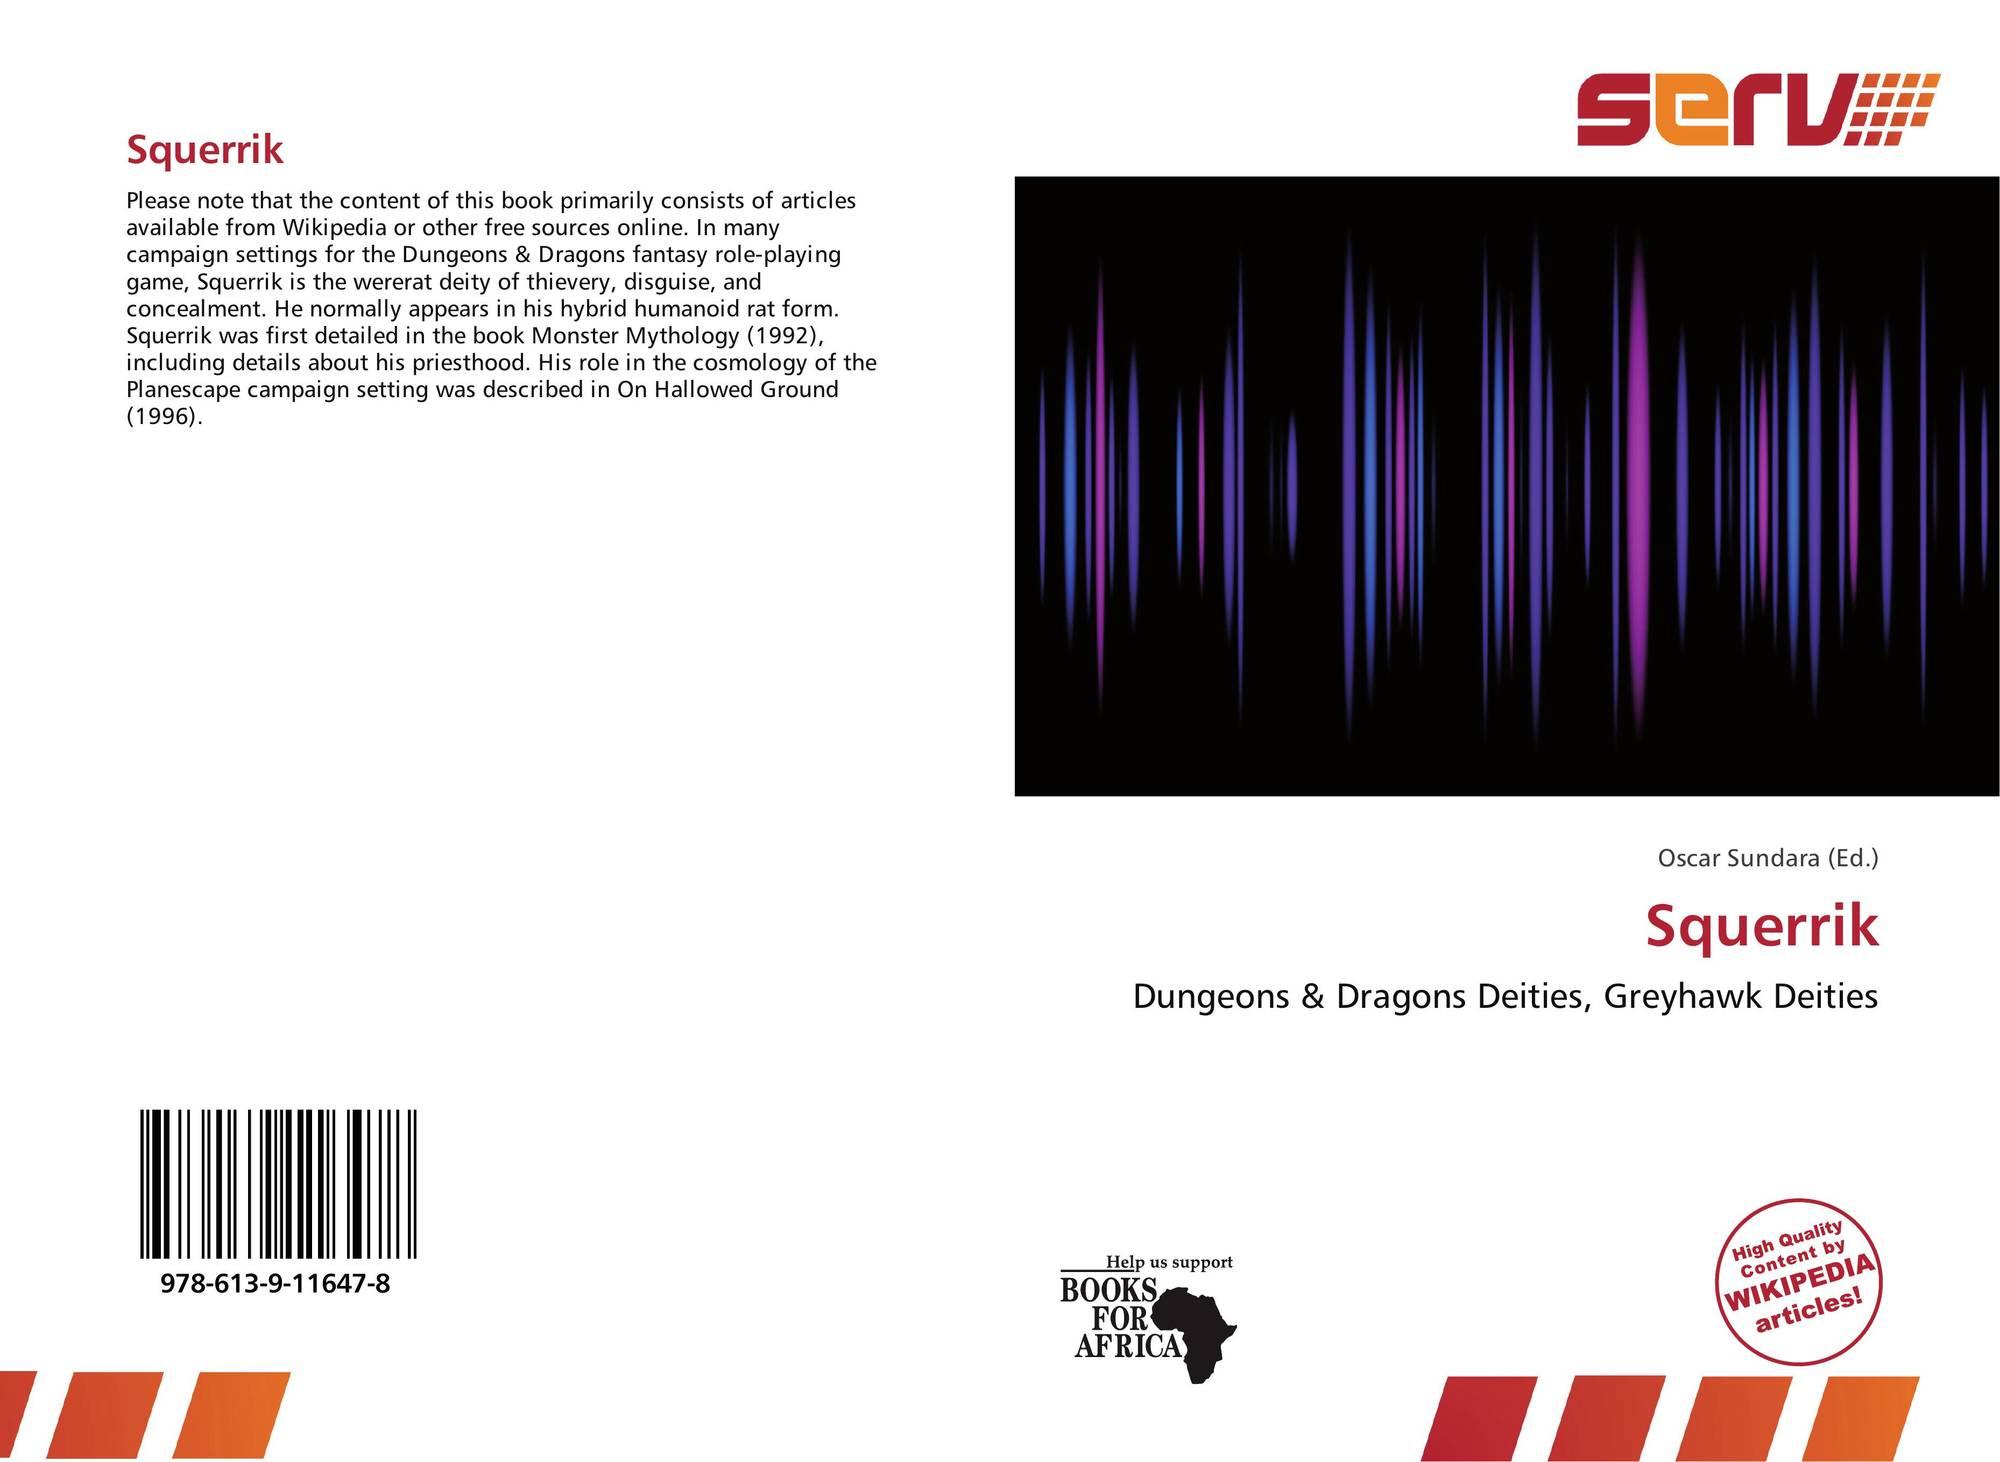 Squerrik, 978-613-9-11647-8, 6139116473 ,9786139116478